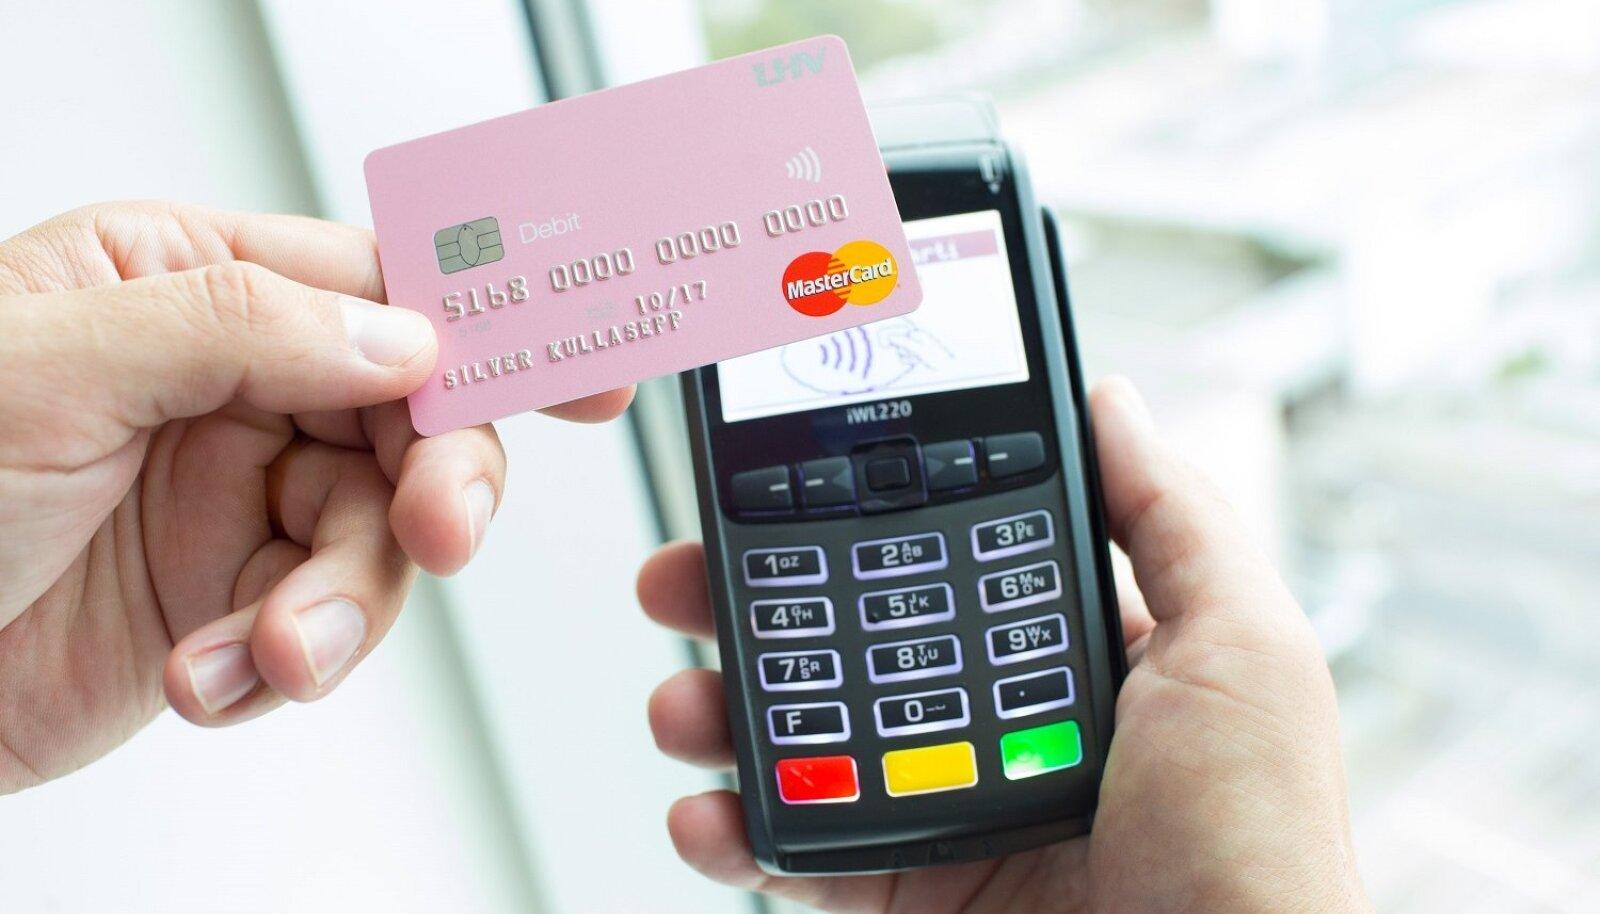 LHV, viipemakse, pangakaart, pank, raha, sularaha